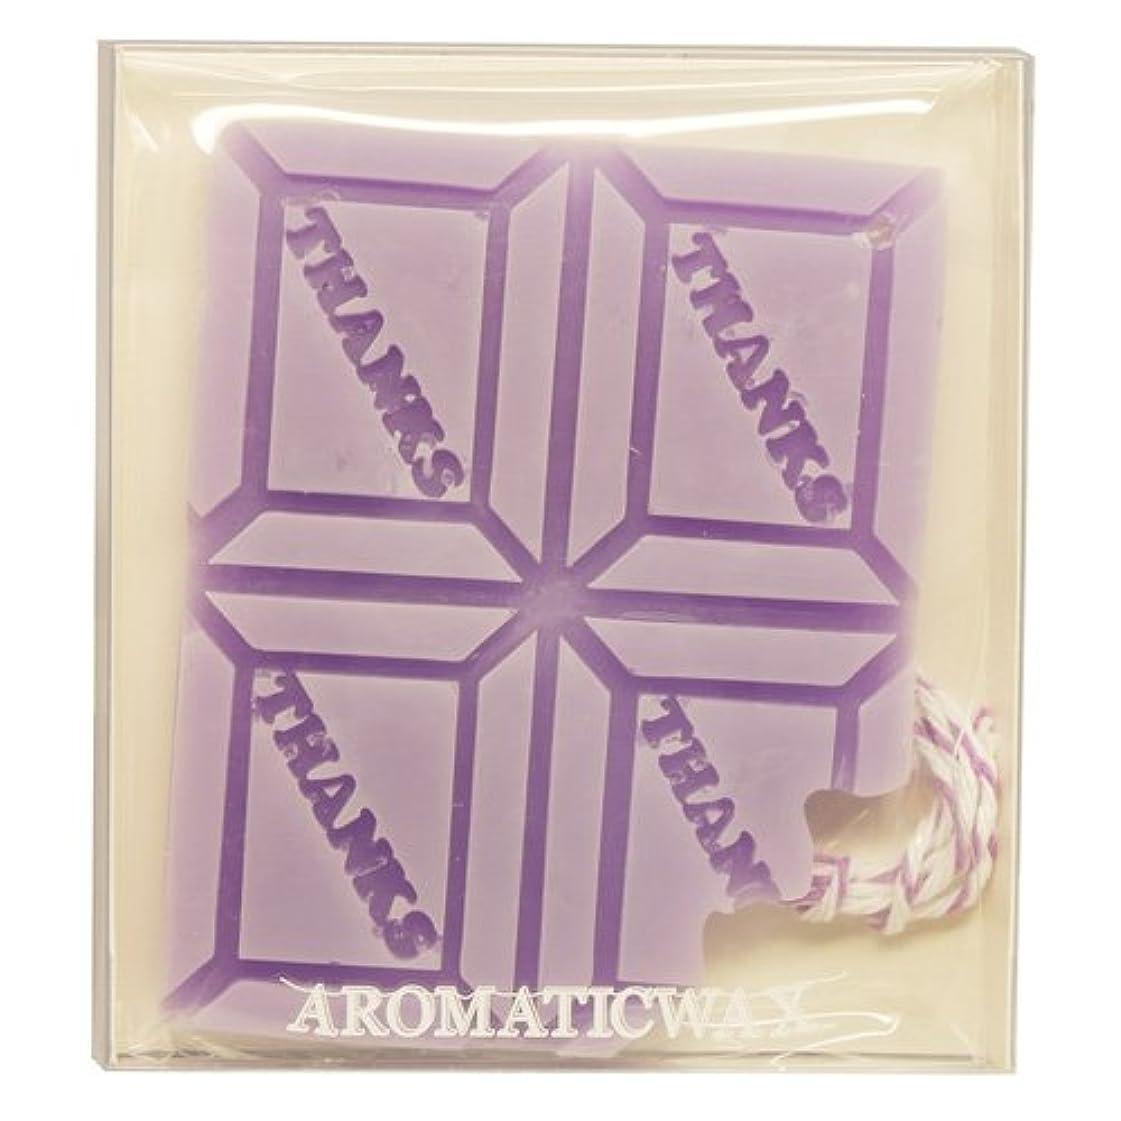 感度収束覗くGRASSE TOKYO AROMATICWAXチャーム「板チョコ(THANKS)」(PU) ラベンダー アロマティックワックス グラーストウキョウ